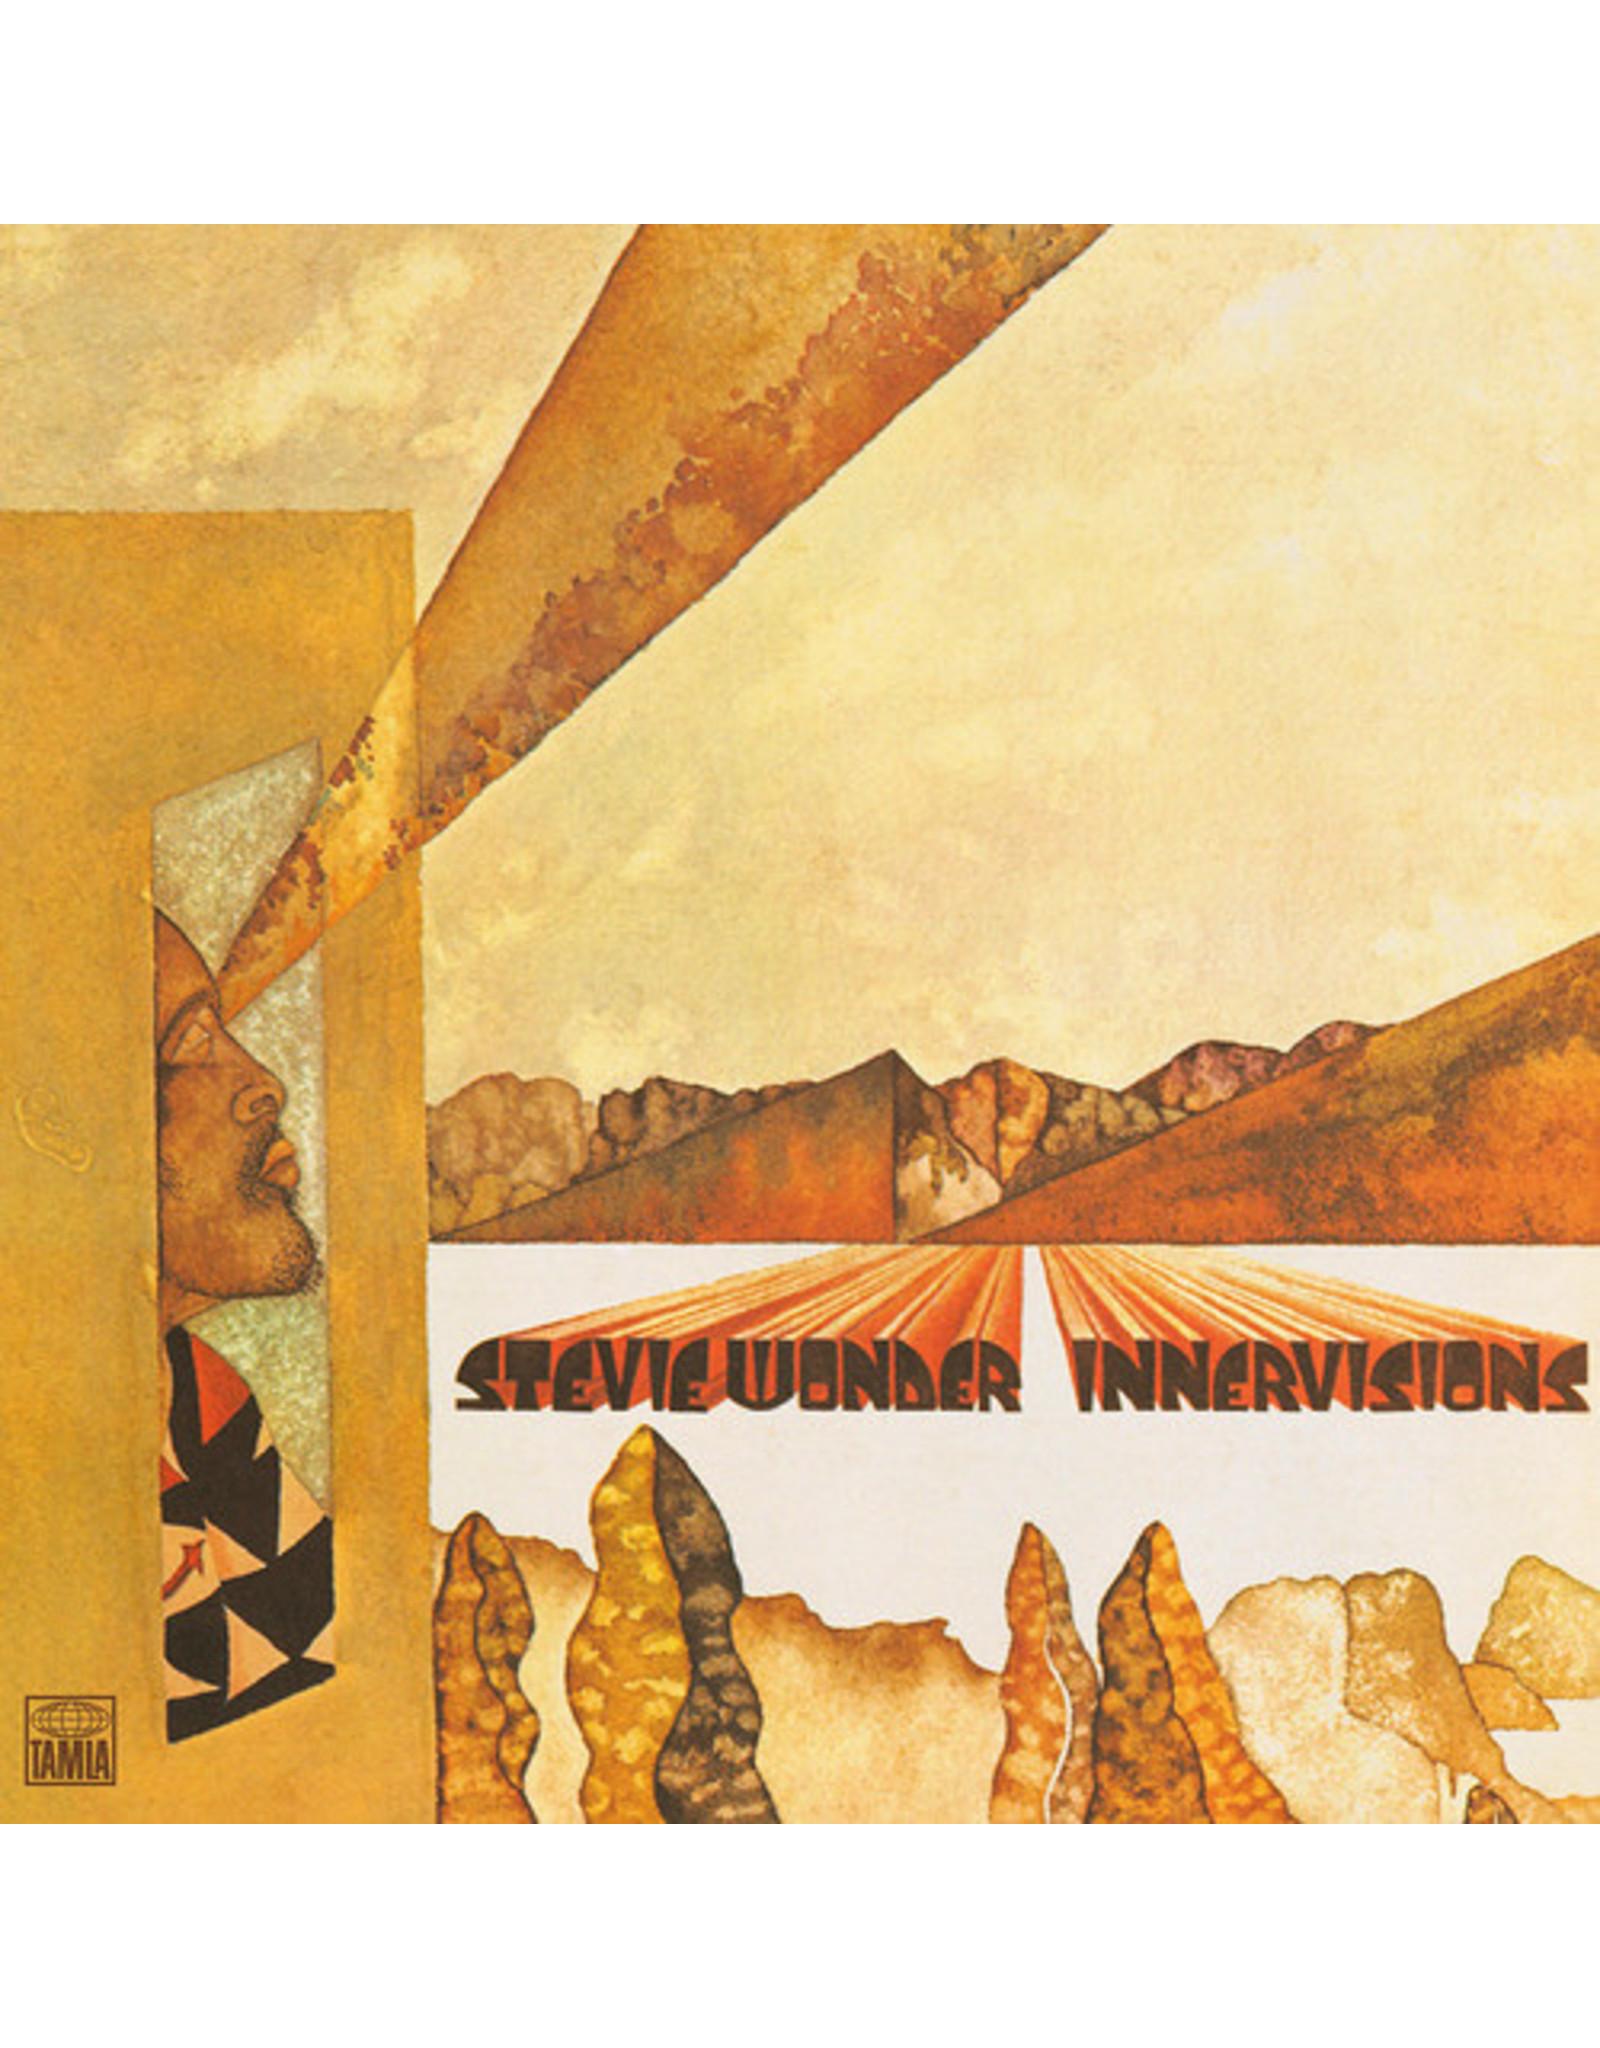 New Vinyl Stevie Wonder - Innervisions LP